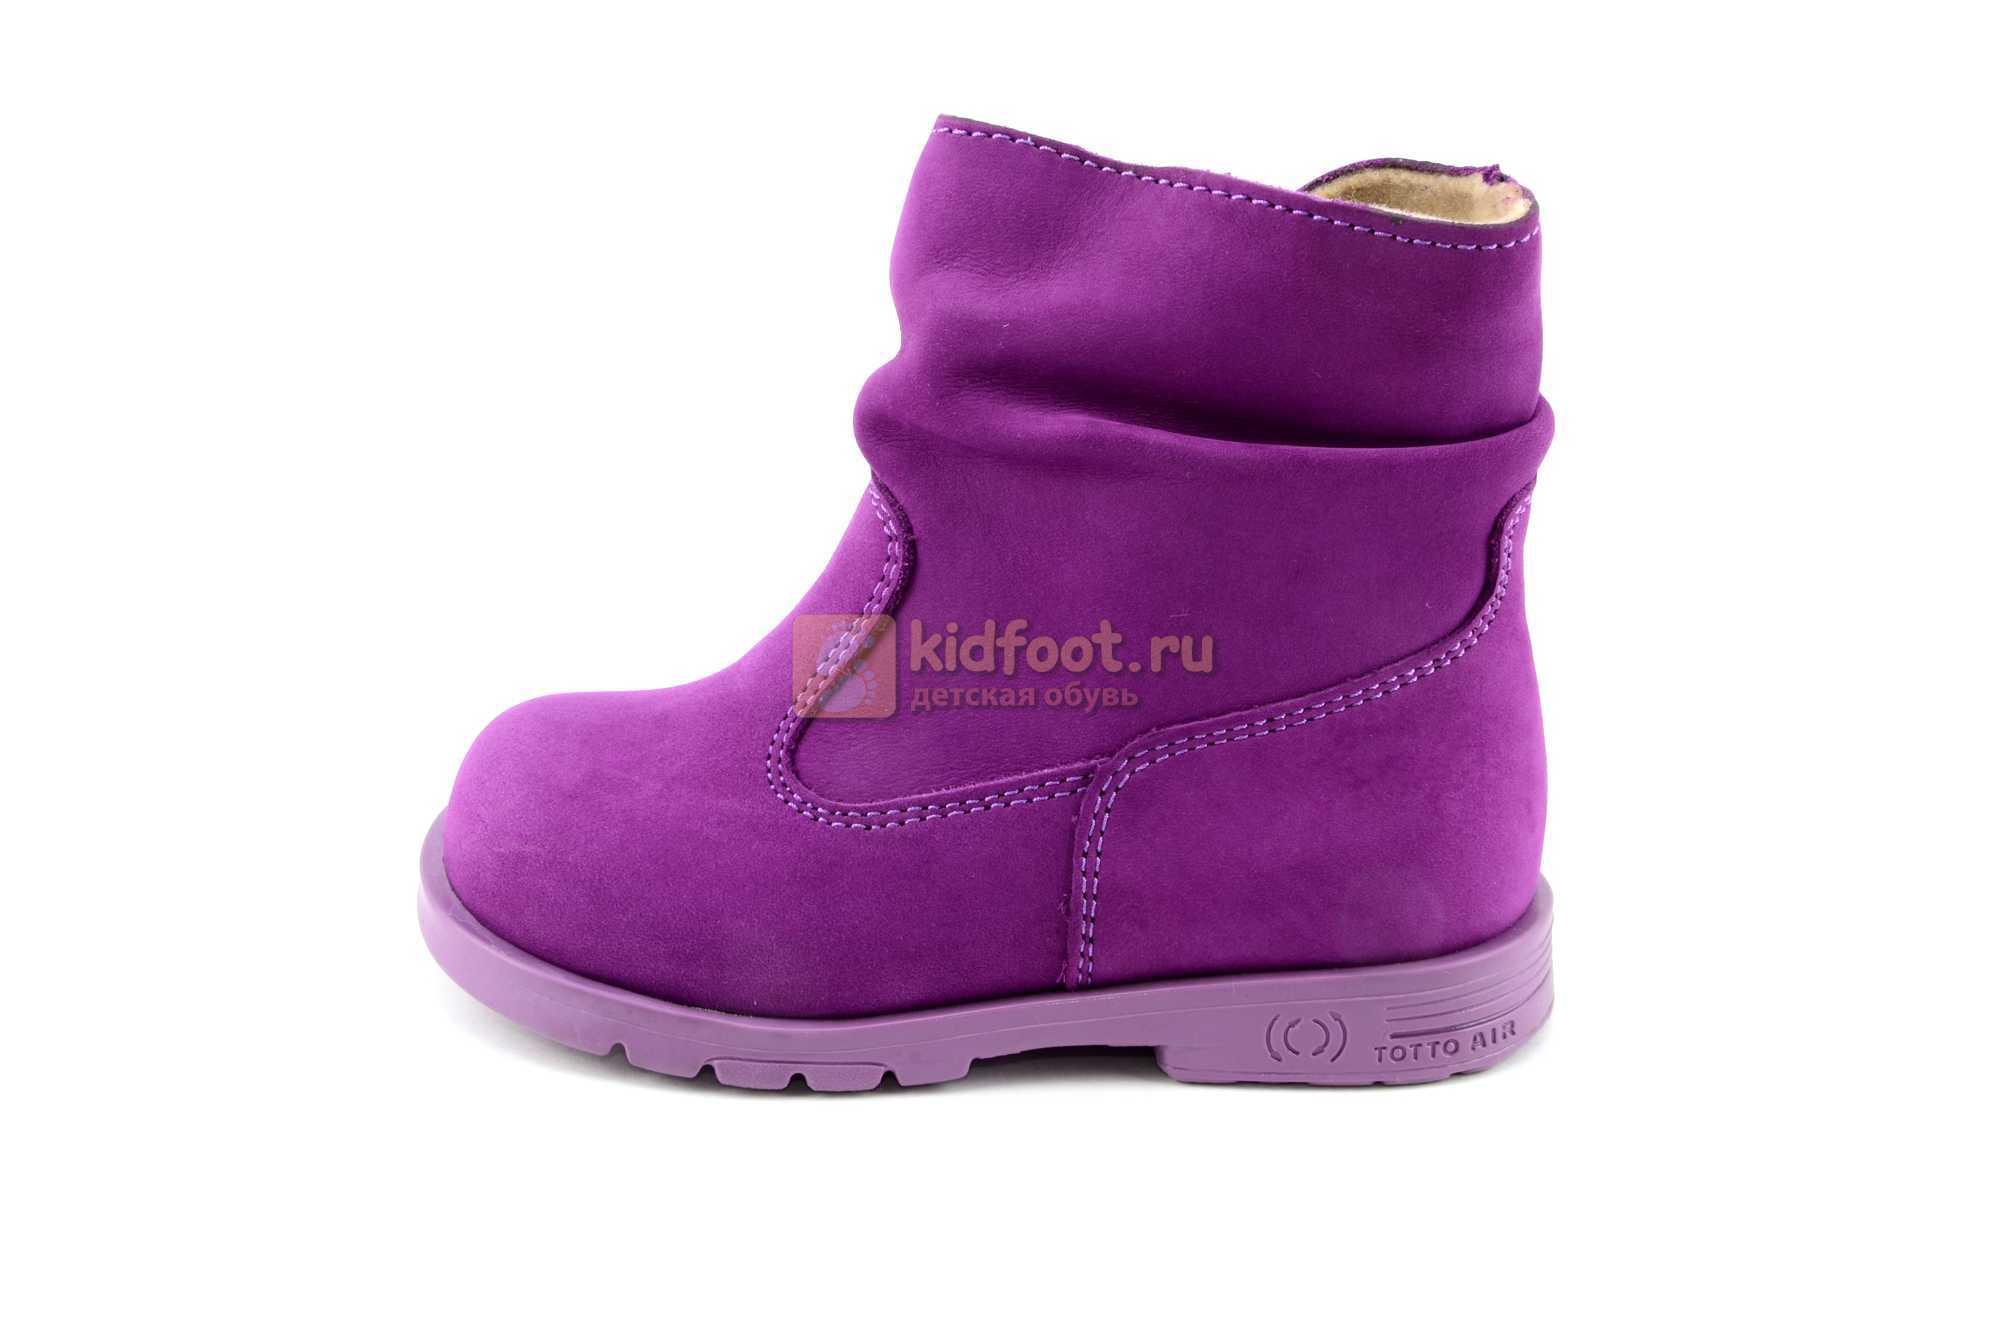 e02109fa6 ... Полусапожки демисезонные Тотто из натуральной кожи на байке для девочек,  цвет фиолетовый ...